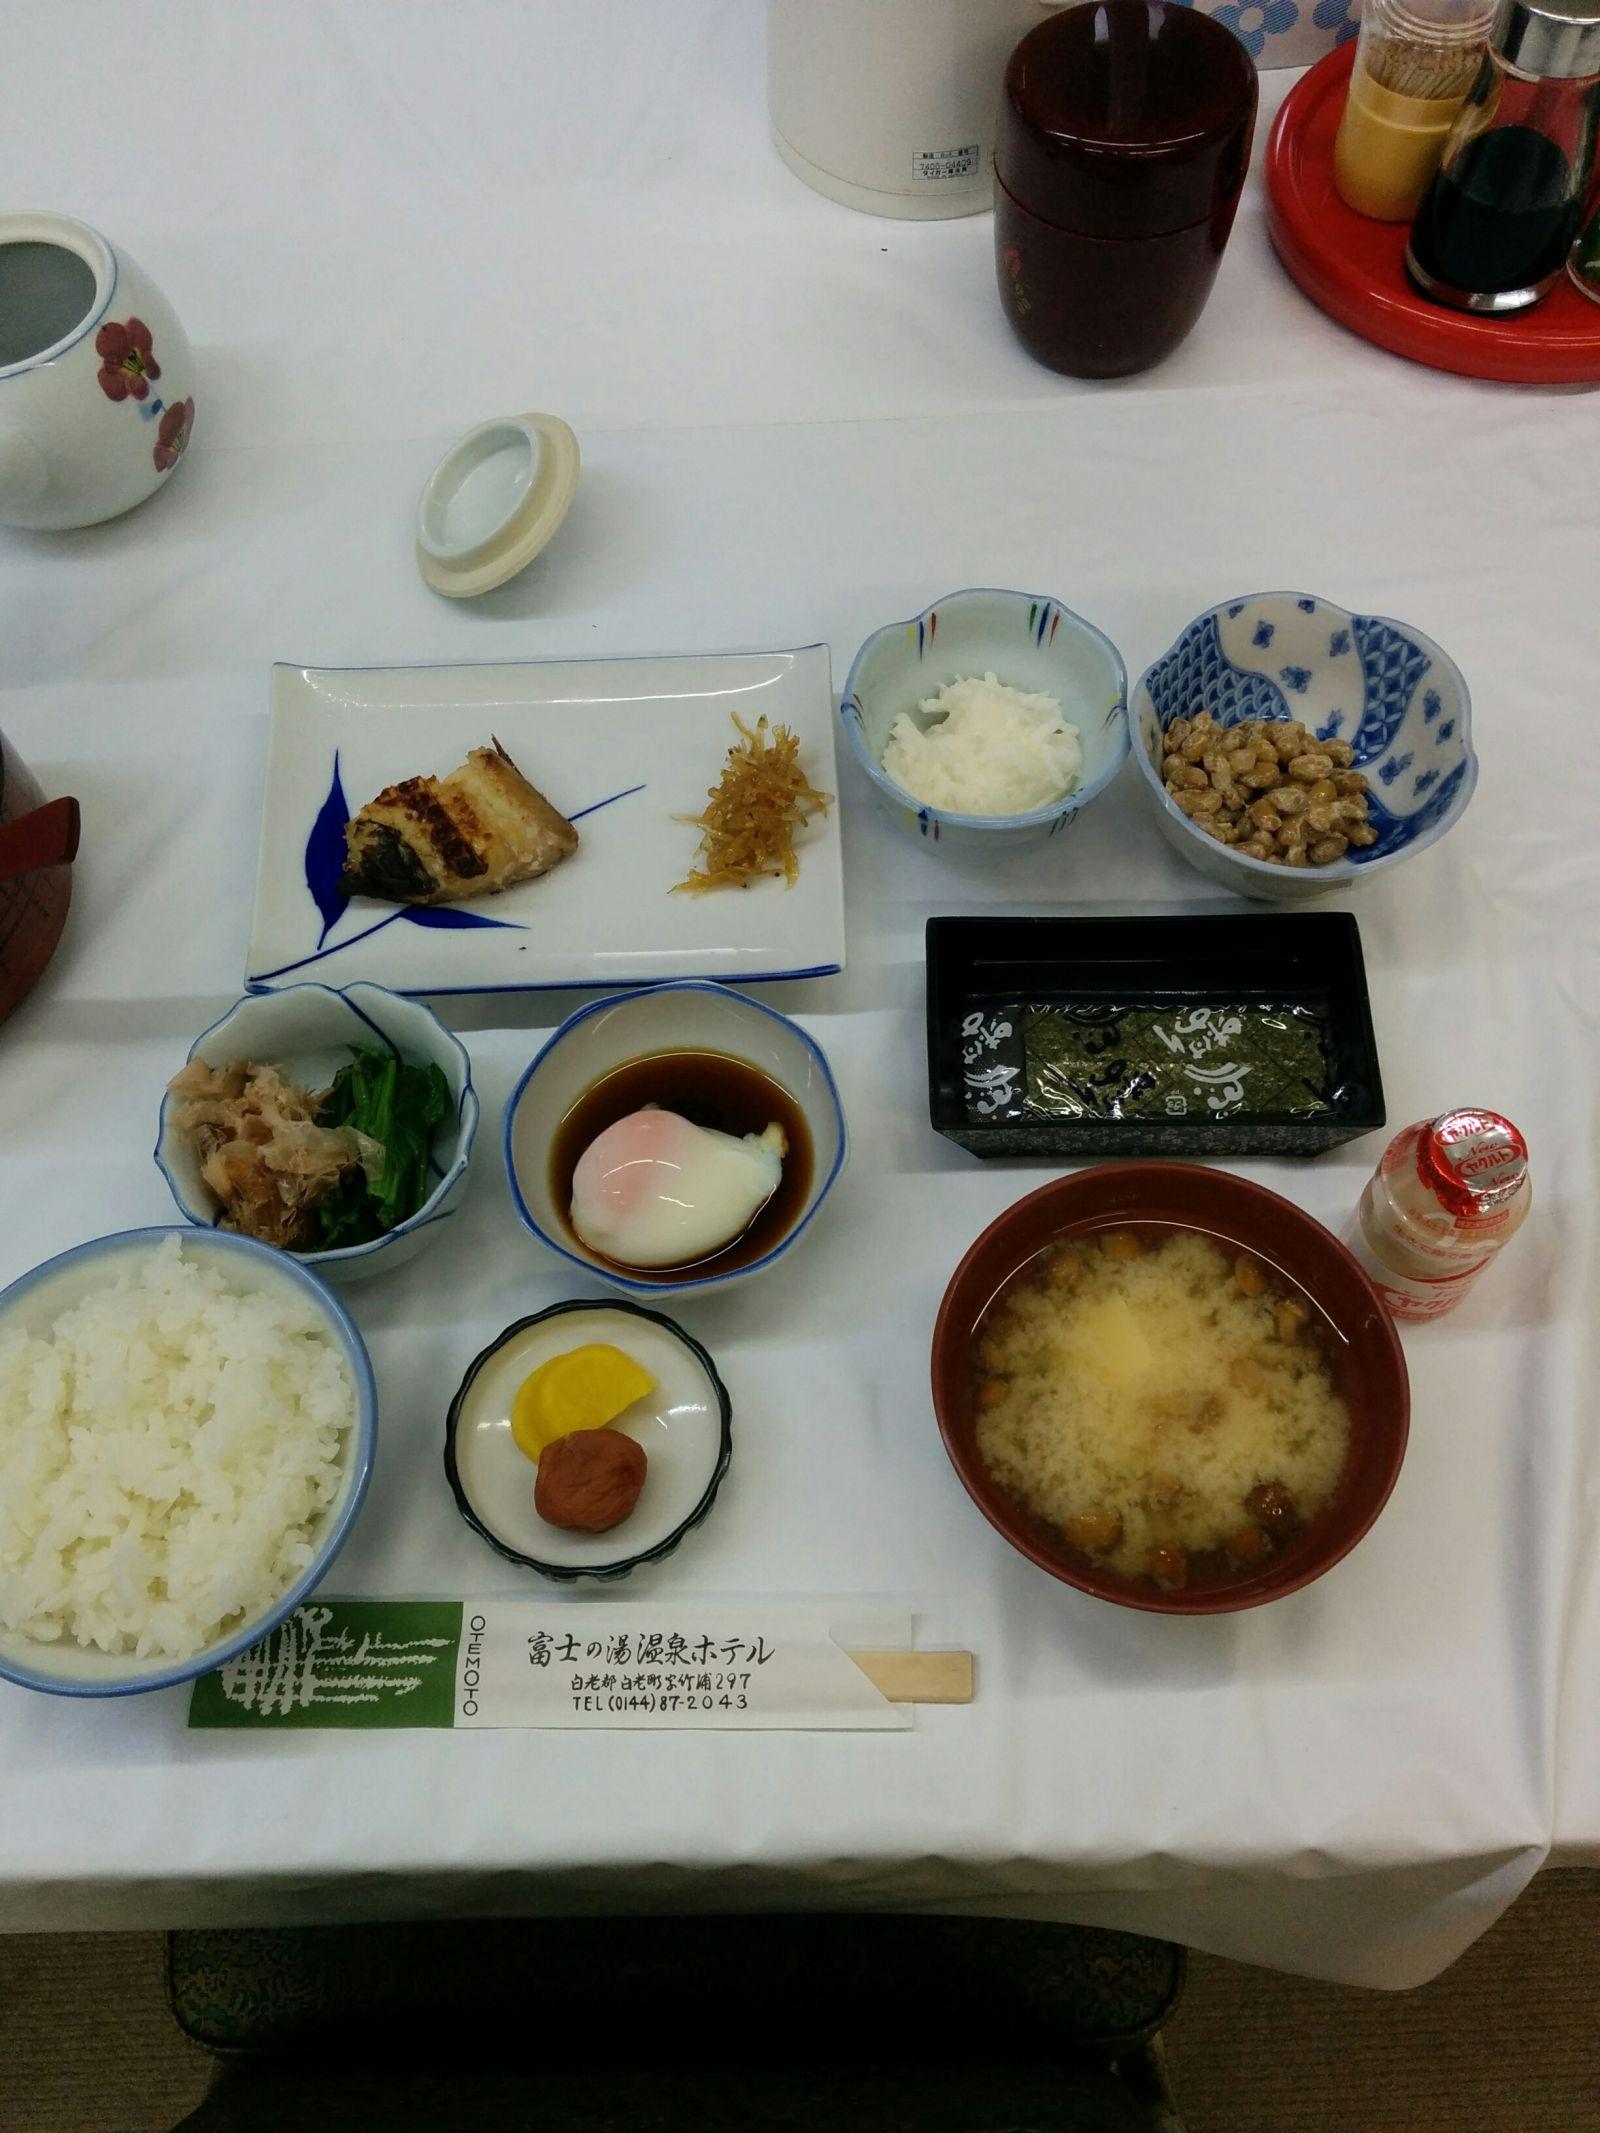 【白老】何時もの白老町富士の湯温泉ホテル朝食観光タクシー